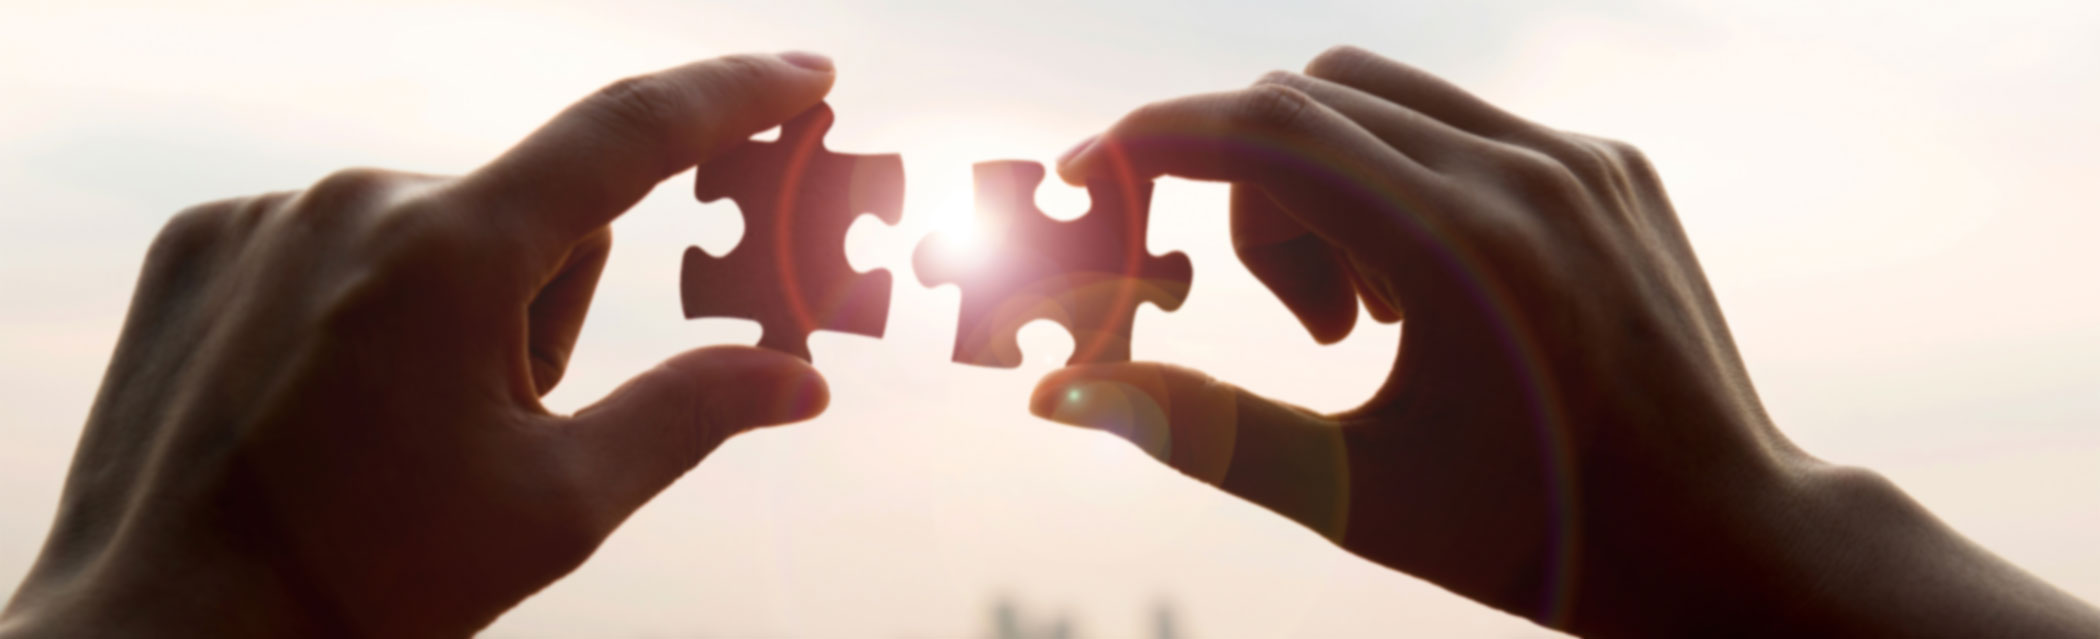 ADR Diventa OCC e Organismo per la composizione della crisi da sovraindebitamento mediazione formazione arbitrato bancario legal professiona network apri una procedura di mediazione